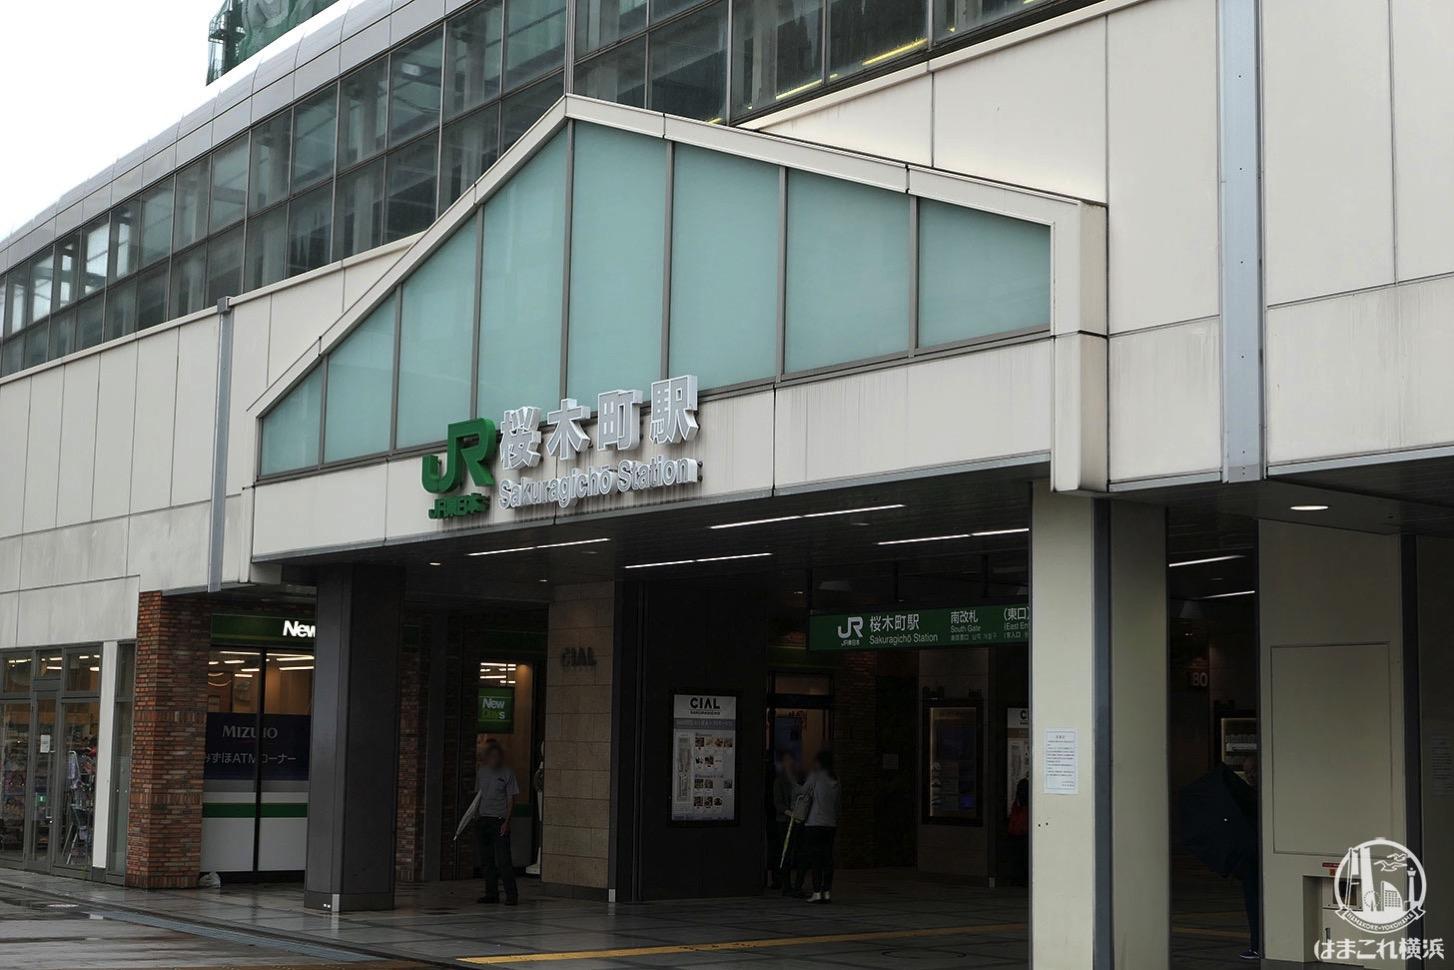 桜木町駅 屋外ガラス壁面